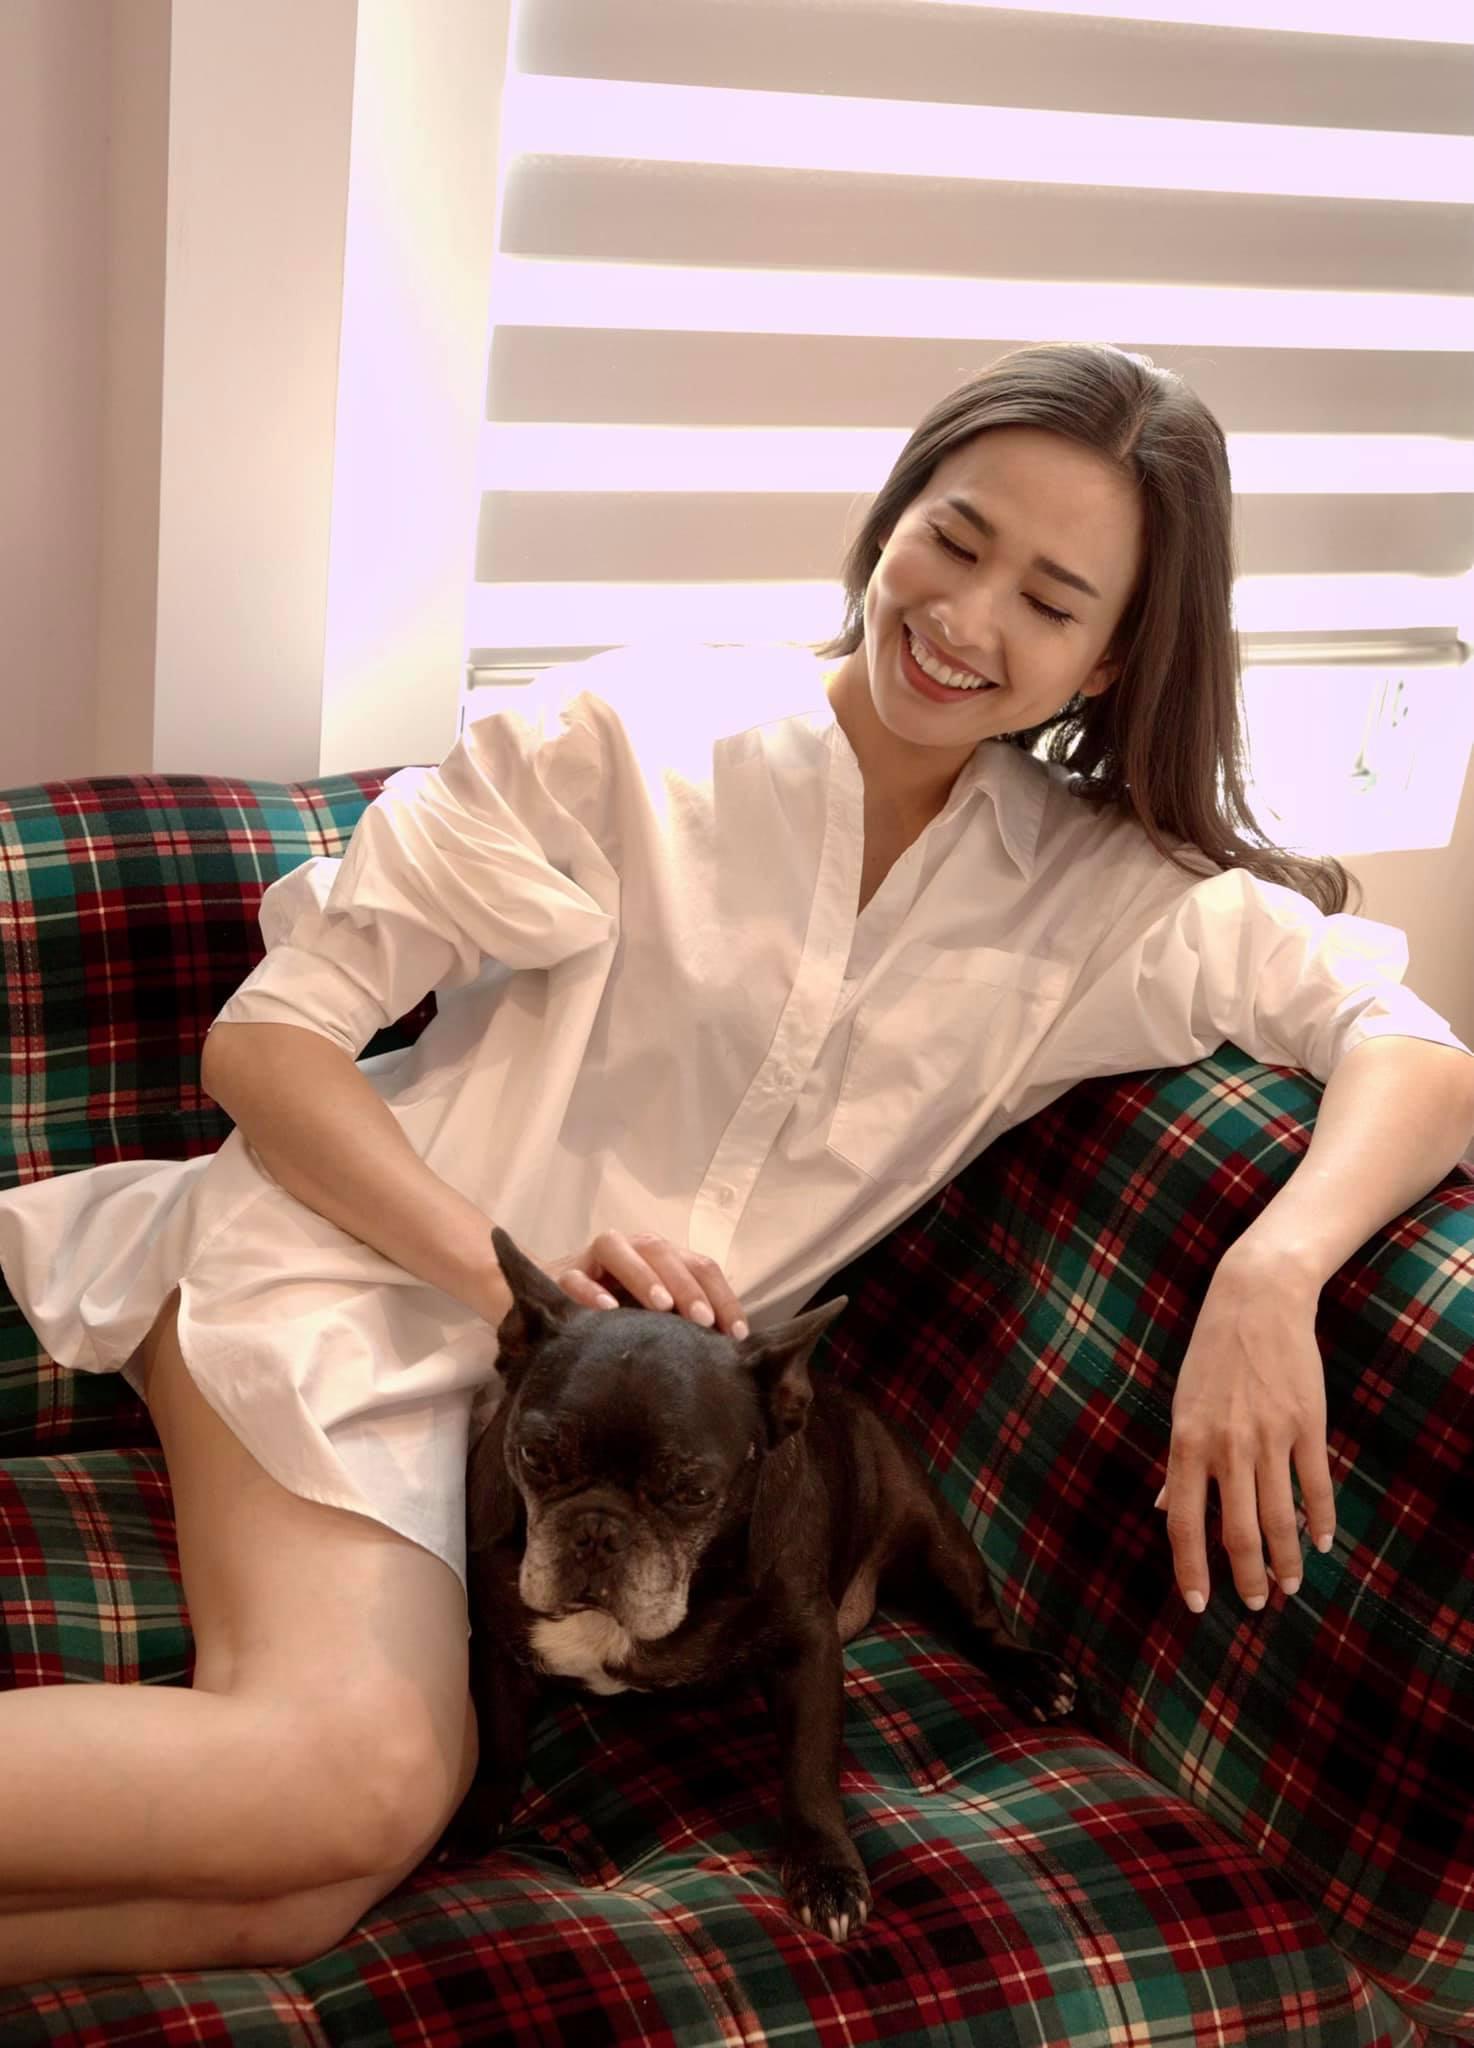 Nhiều năm qua, Dương Mỹ Linh rút lui khỏi showbiz, sang Mỹ định cư và tiếp tục phát triển sự nghiệp. Năm 2020, người đẹp thử sức kinh doanh một tiệm phở hương vị Bắc và ược nhiều thực khách trong đó có không ít nghệ sĩ Việt tại hải ngoại ủng hộ.